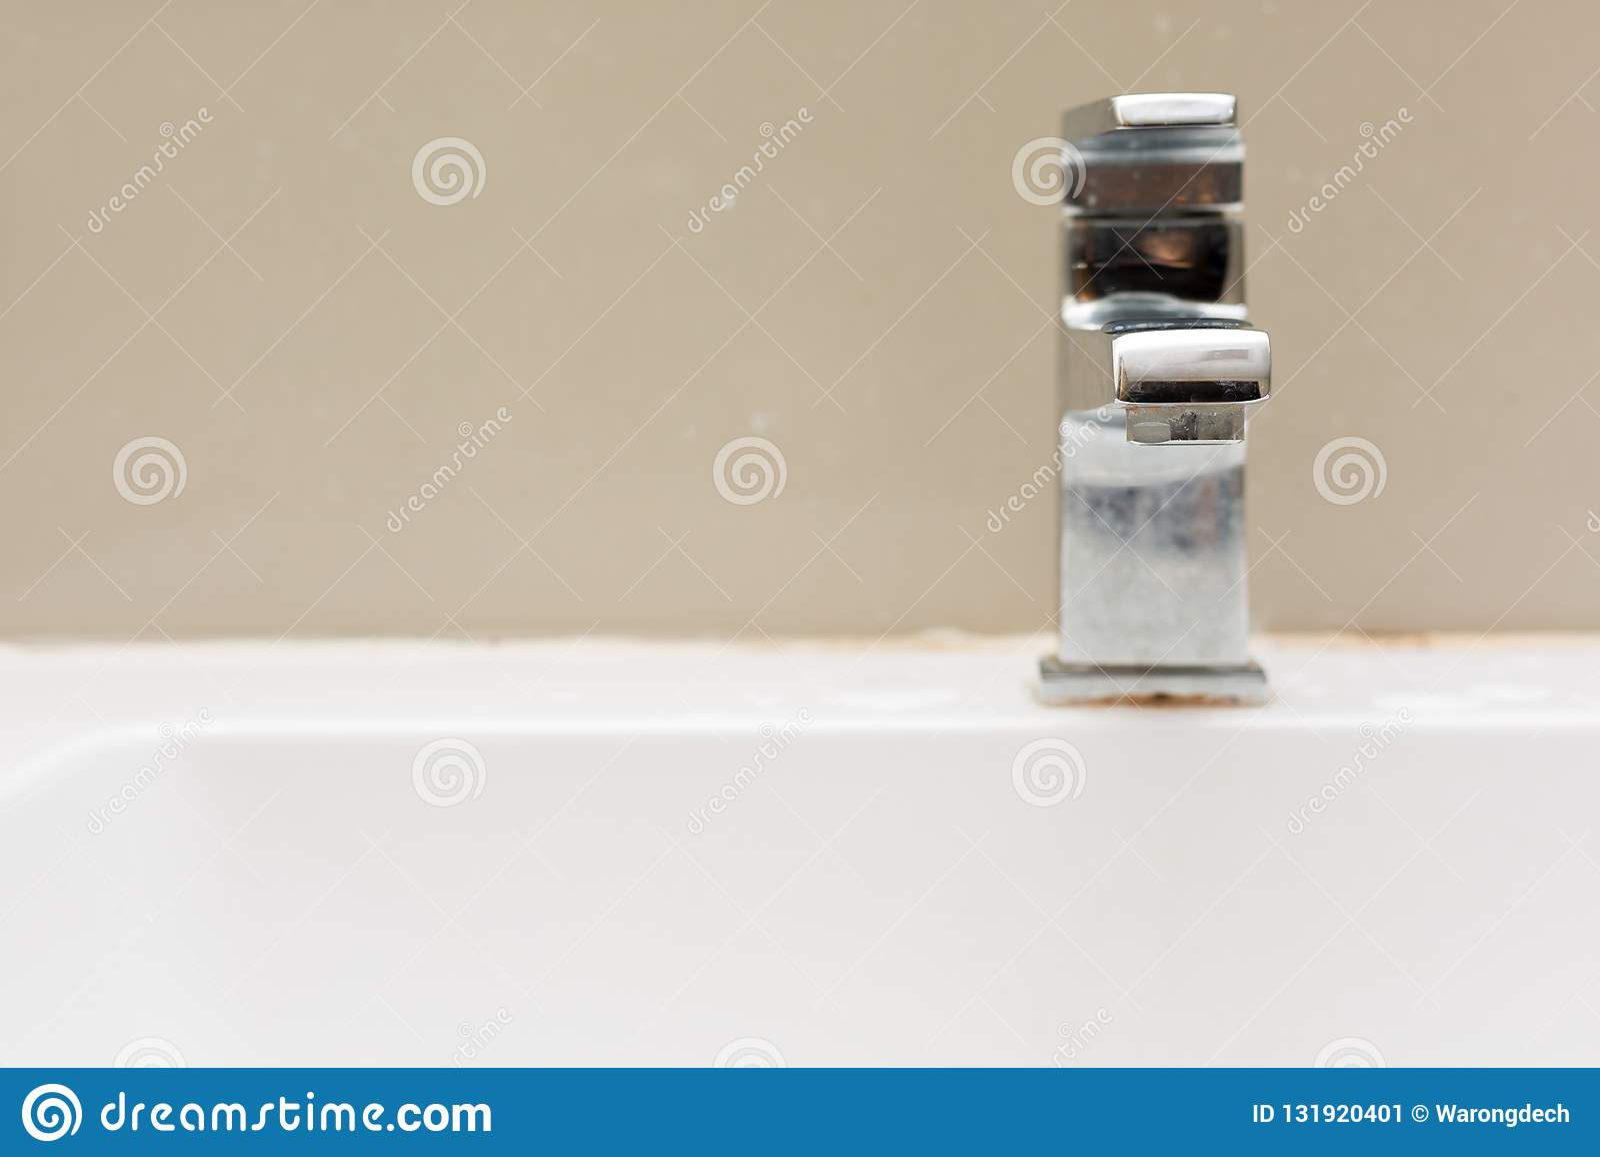 Silberner Hahn im Badezimmer, Wasserführung vom Hahn